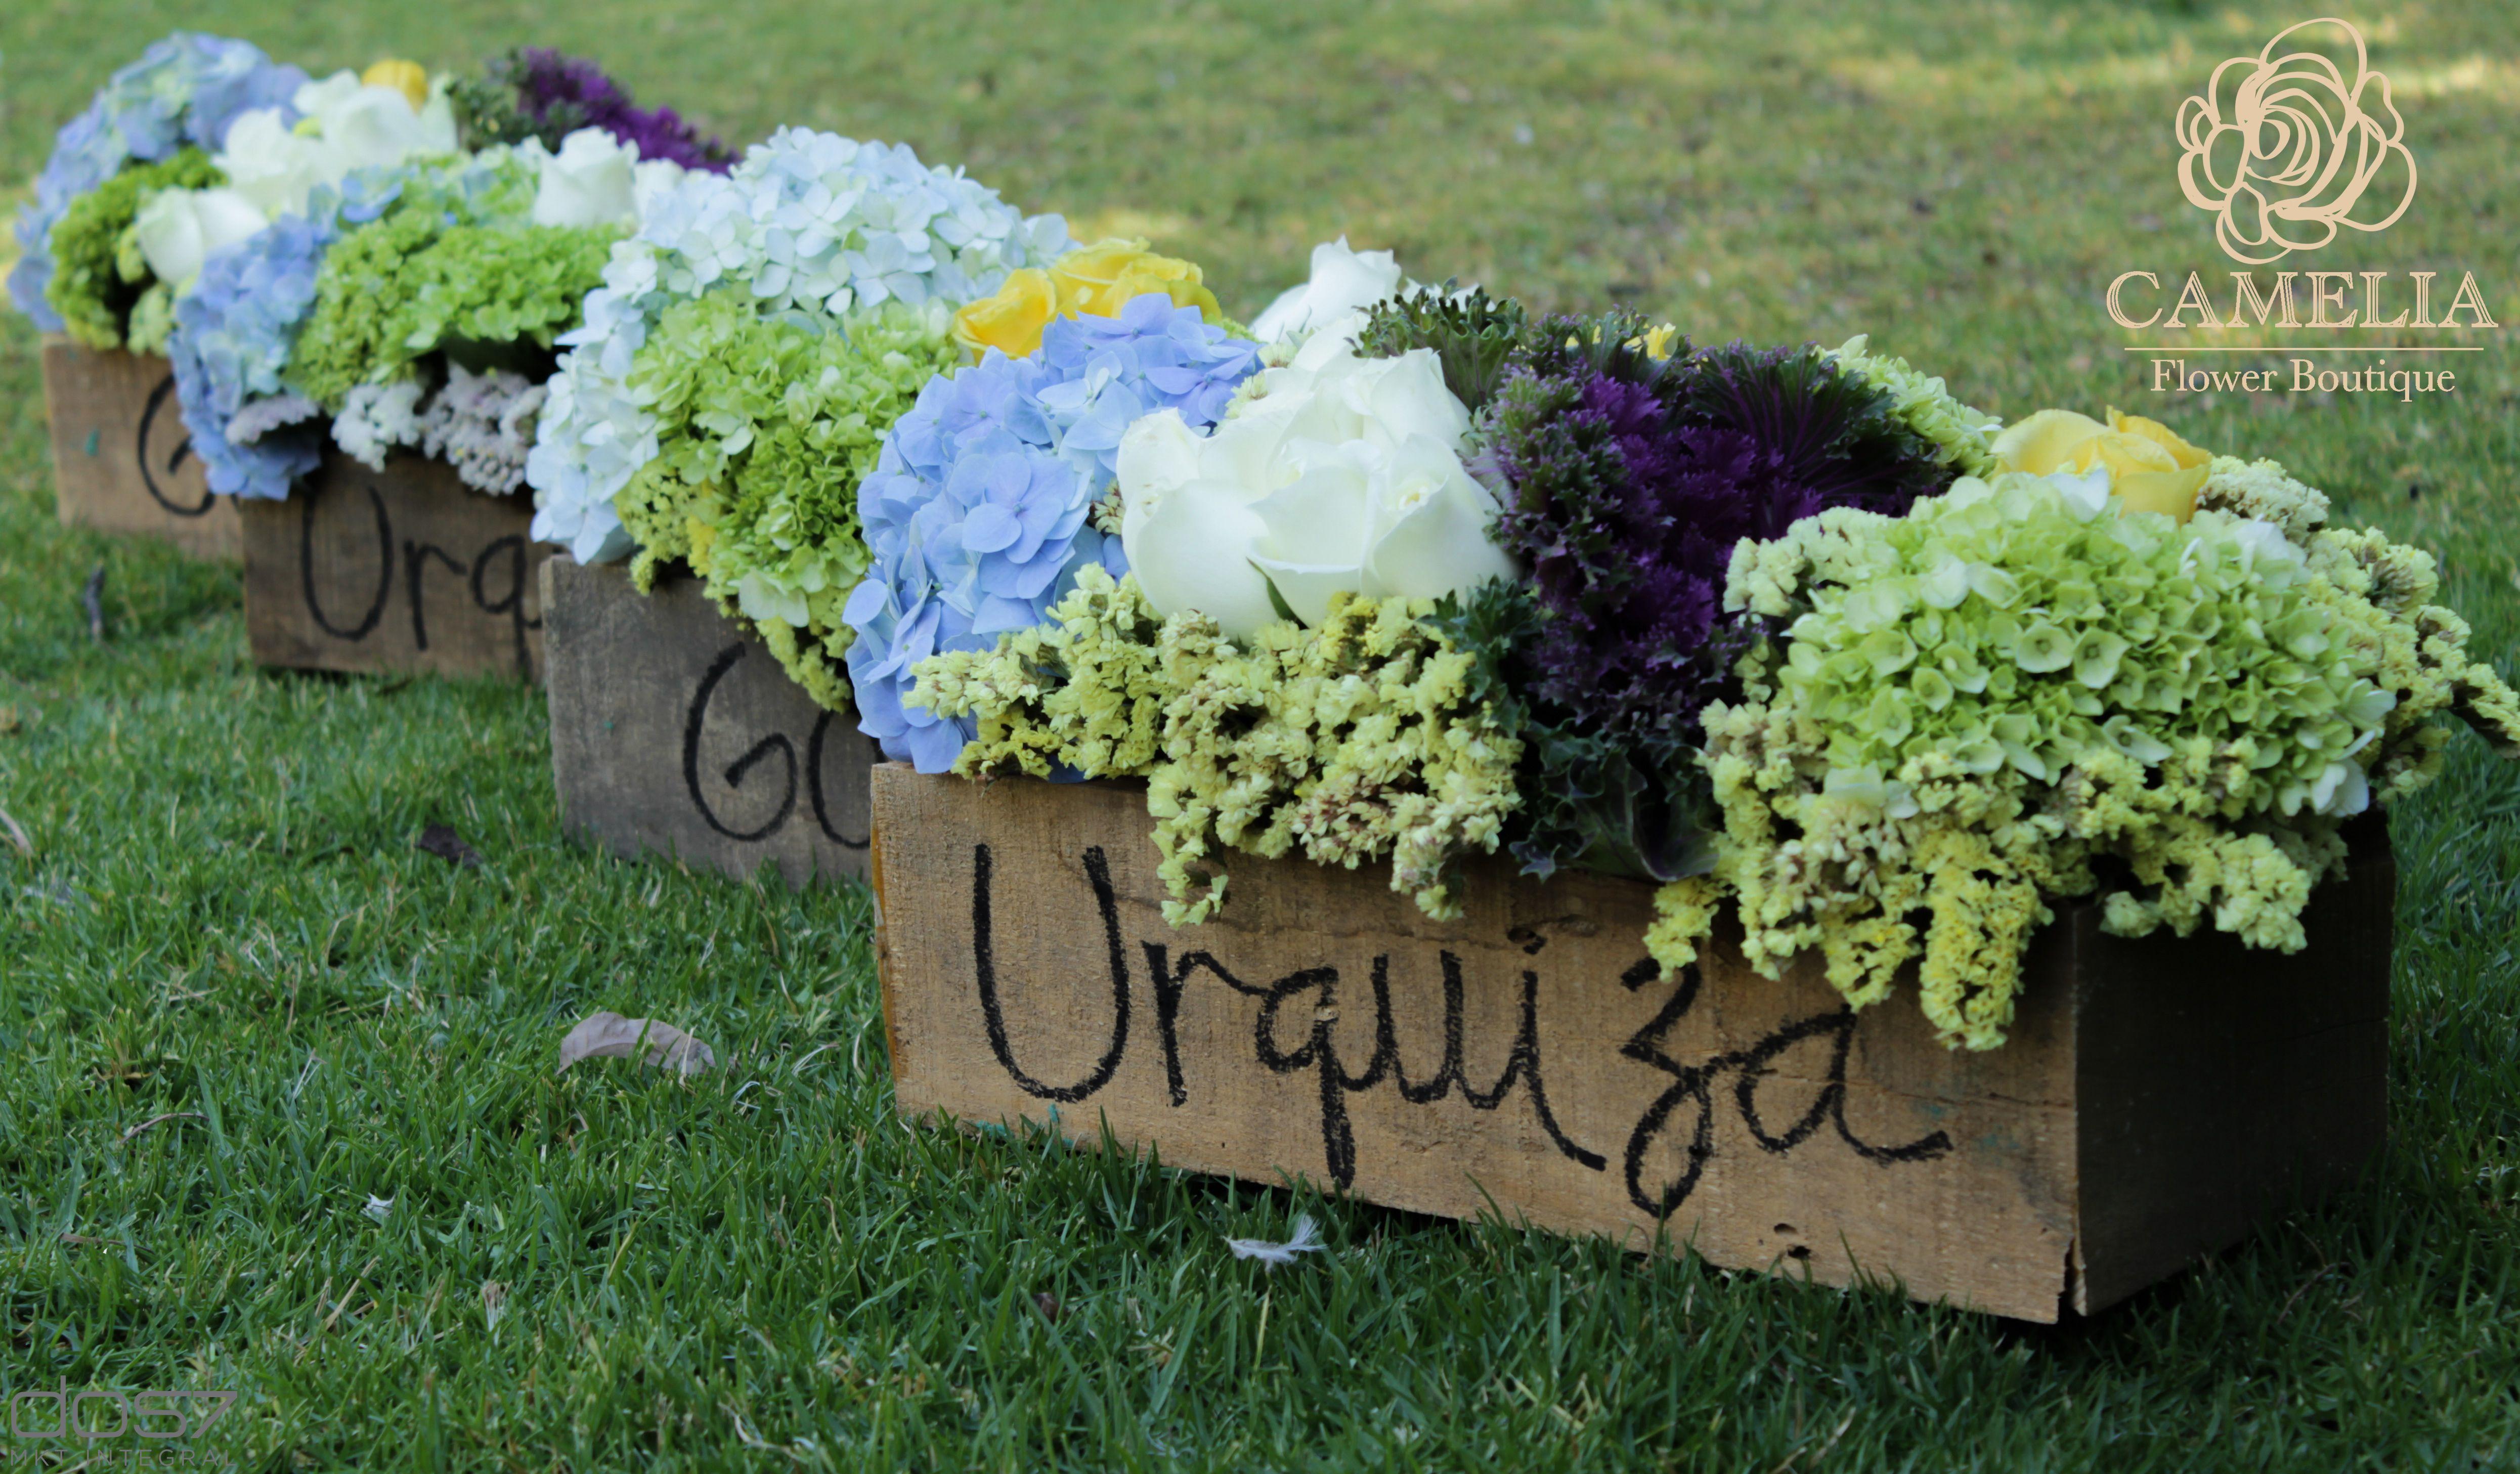 Arreglo De Flores Creaciones Unicas Camelia Flores Flowers Flower Boutique Plants